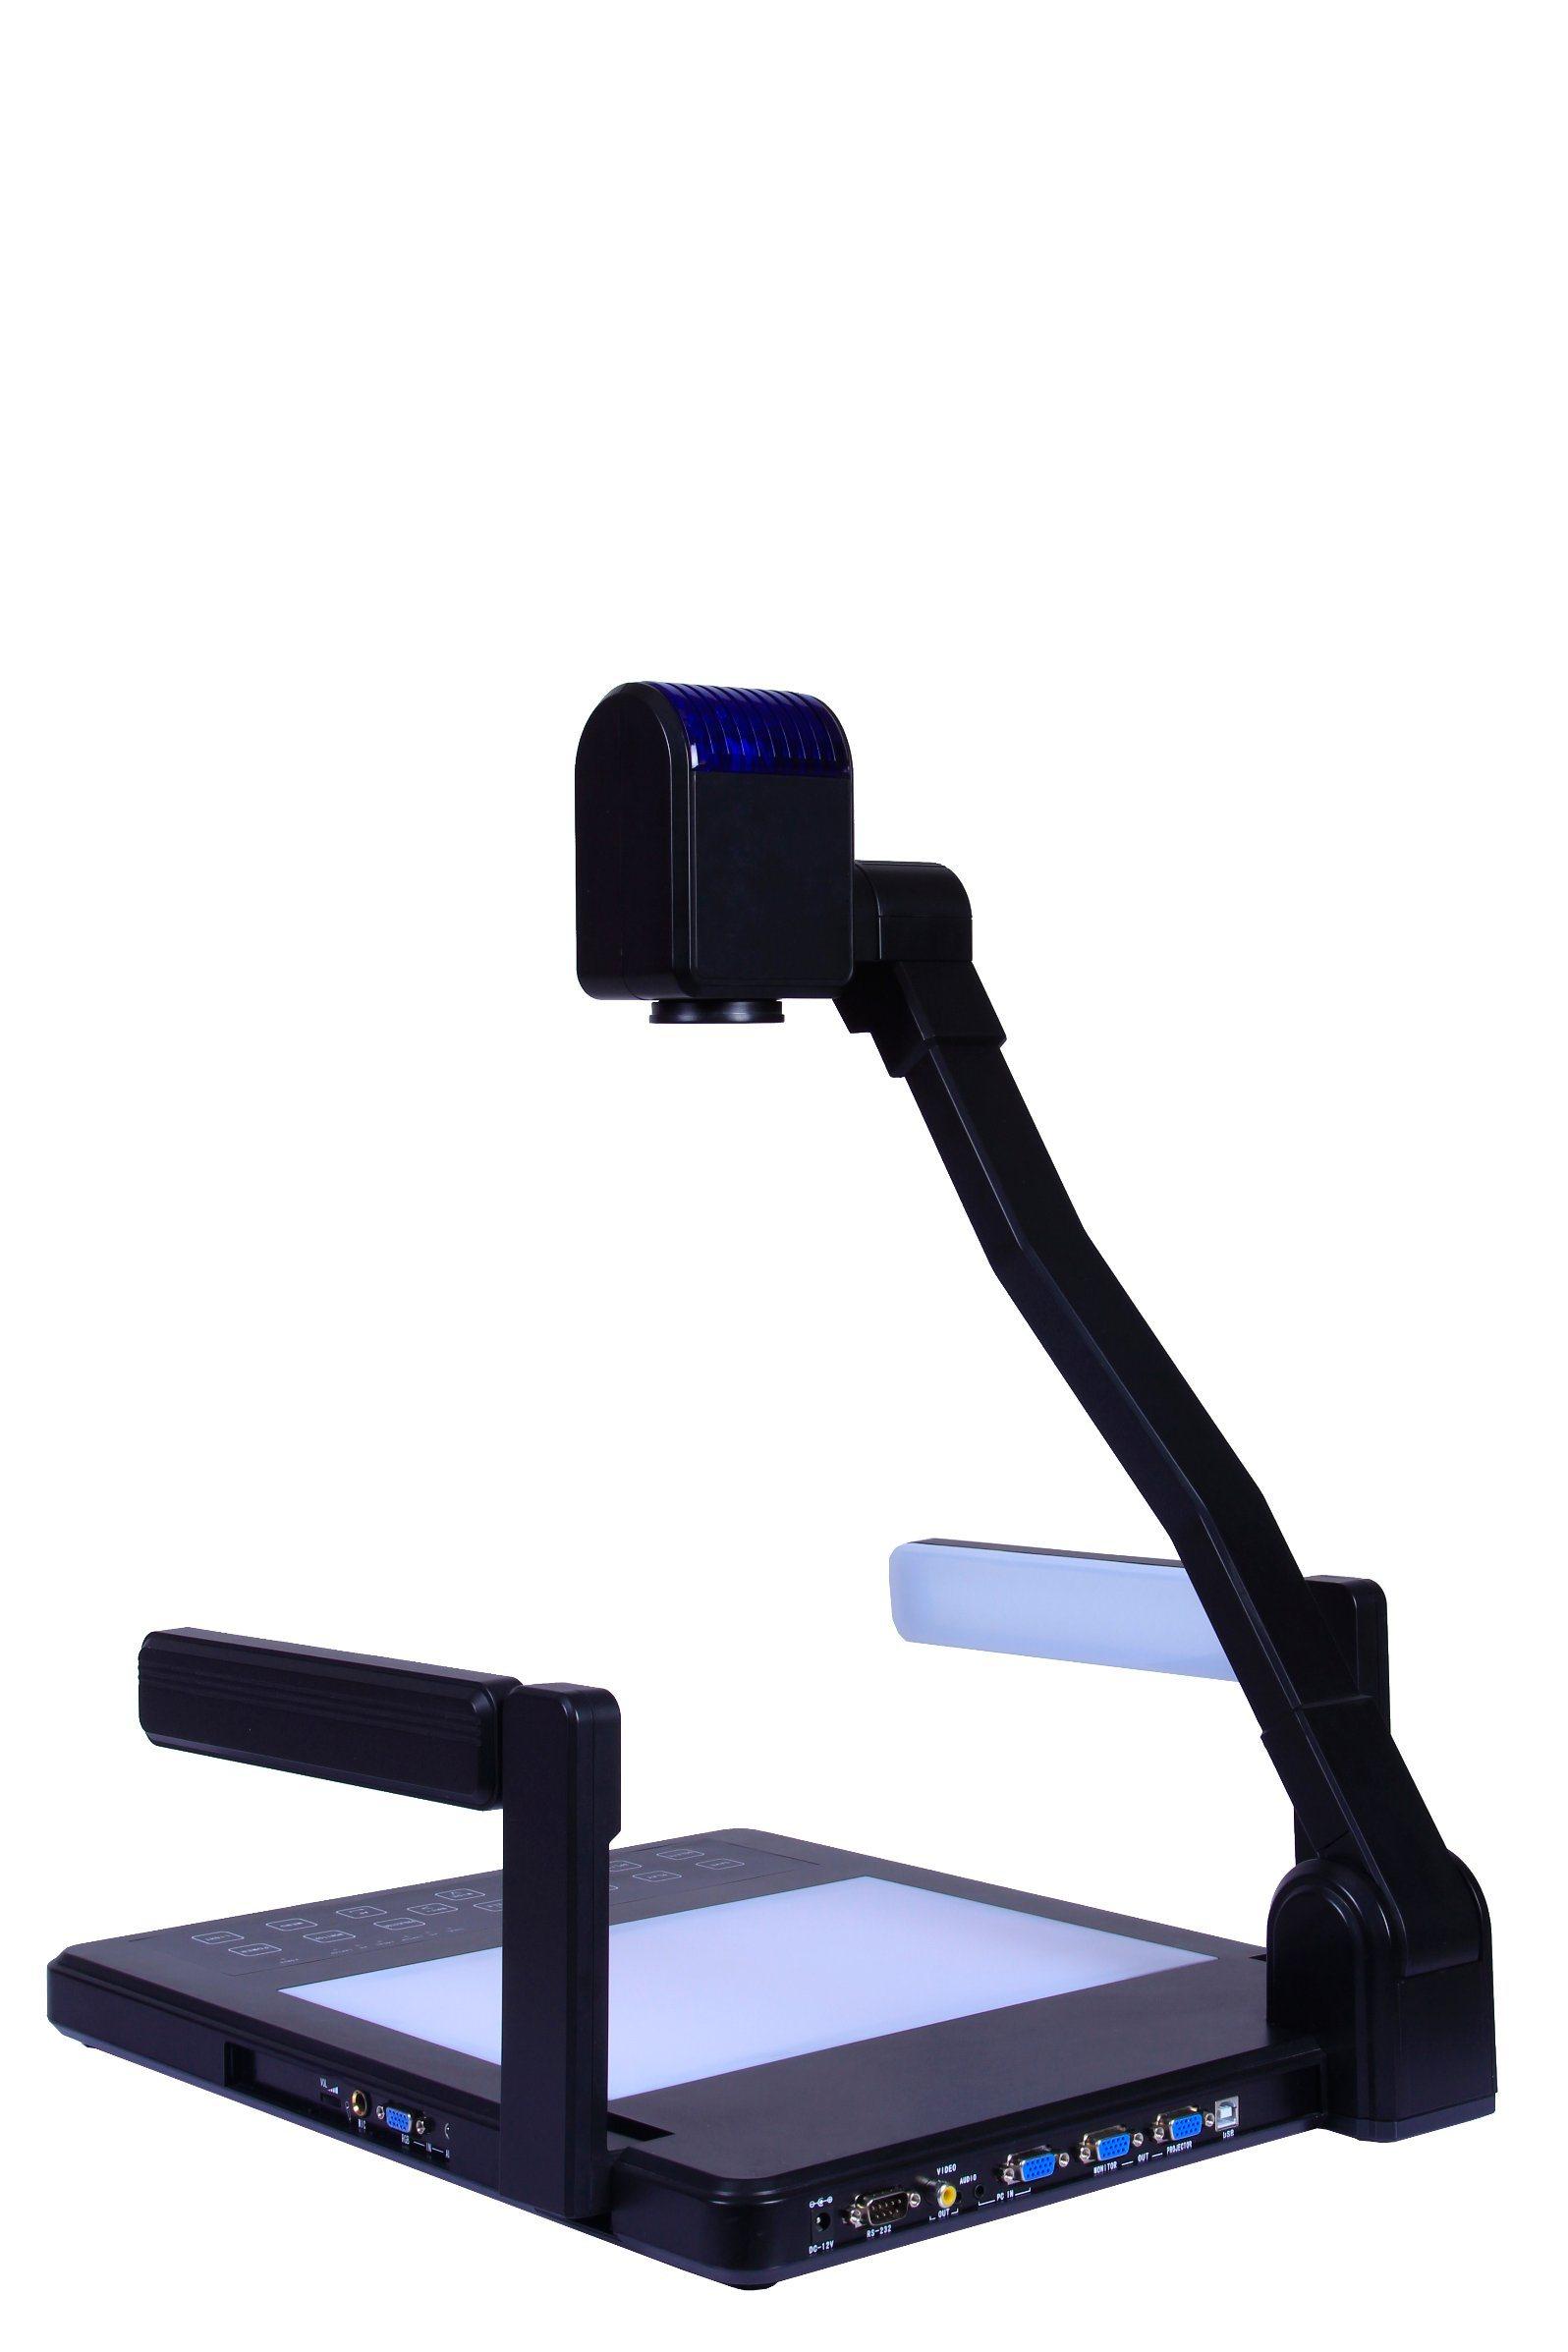 Multi-Media Conference Equipment 3D Scanner Desktop Visualizer